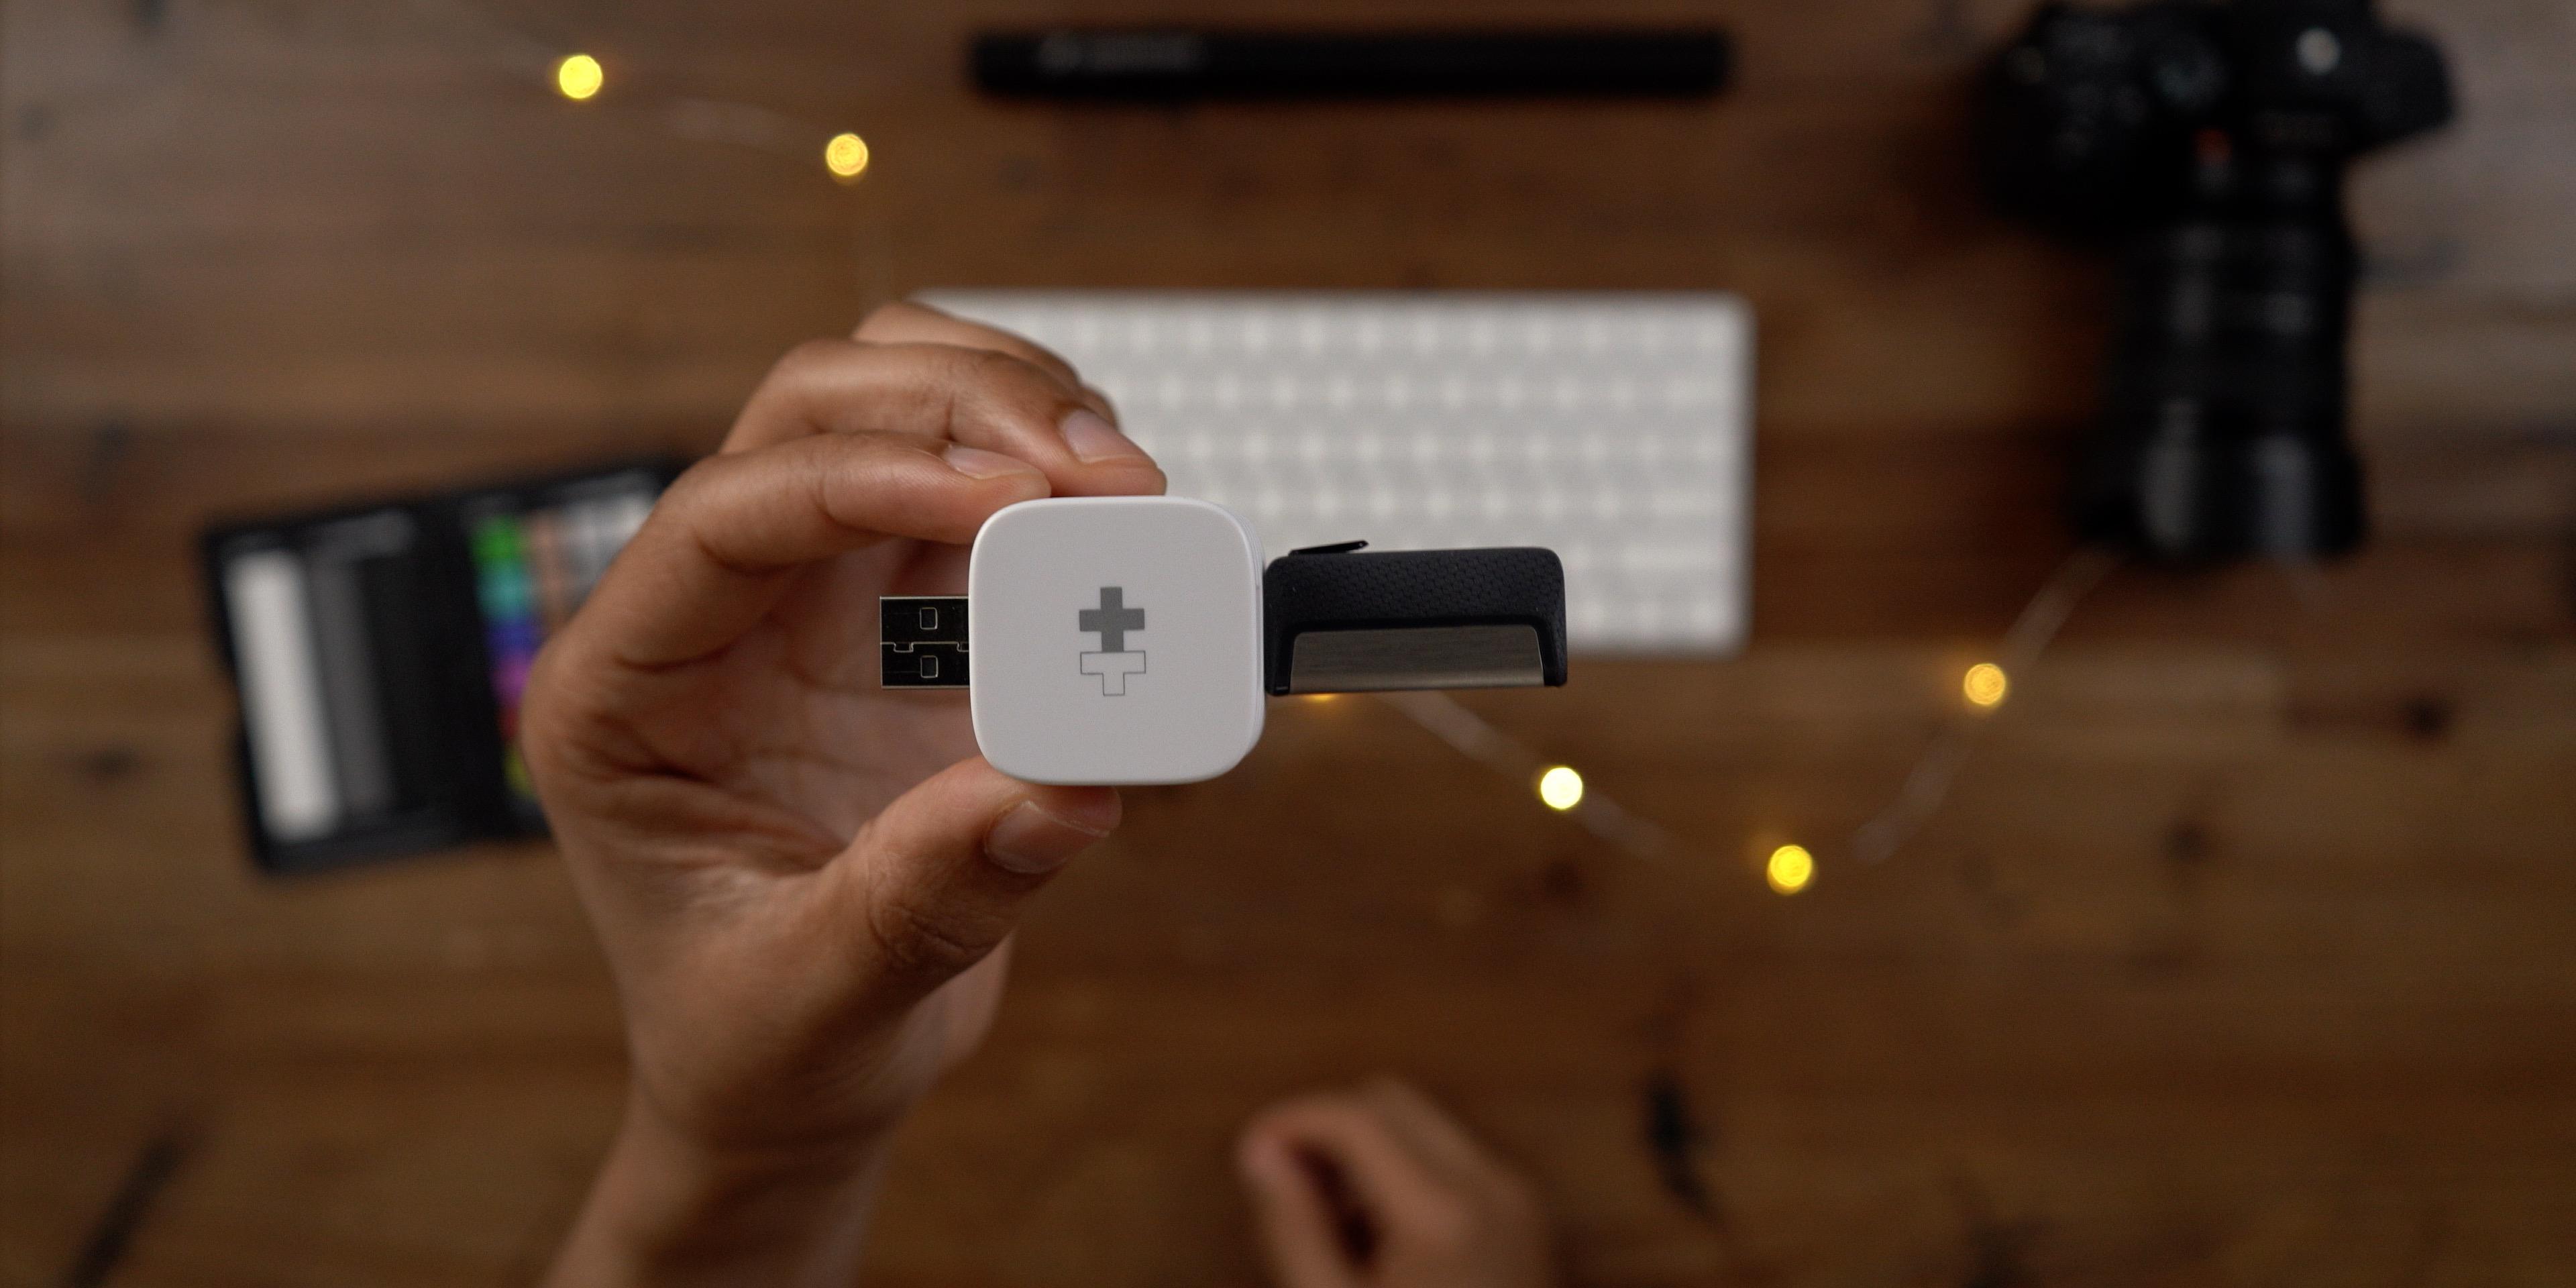 HyperCube USB